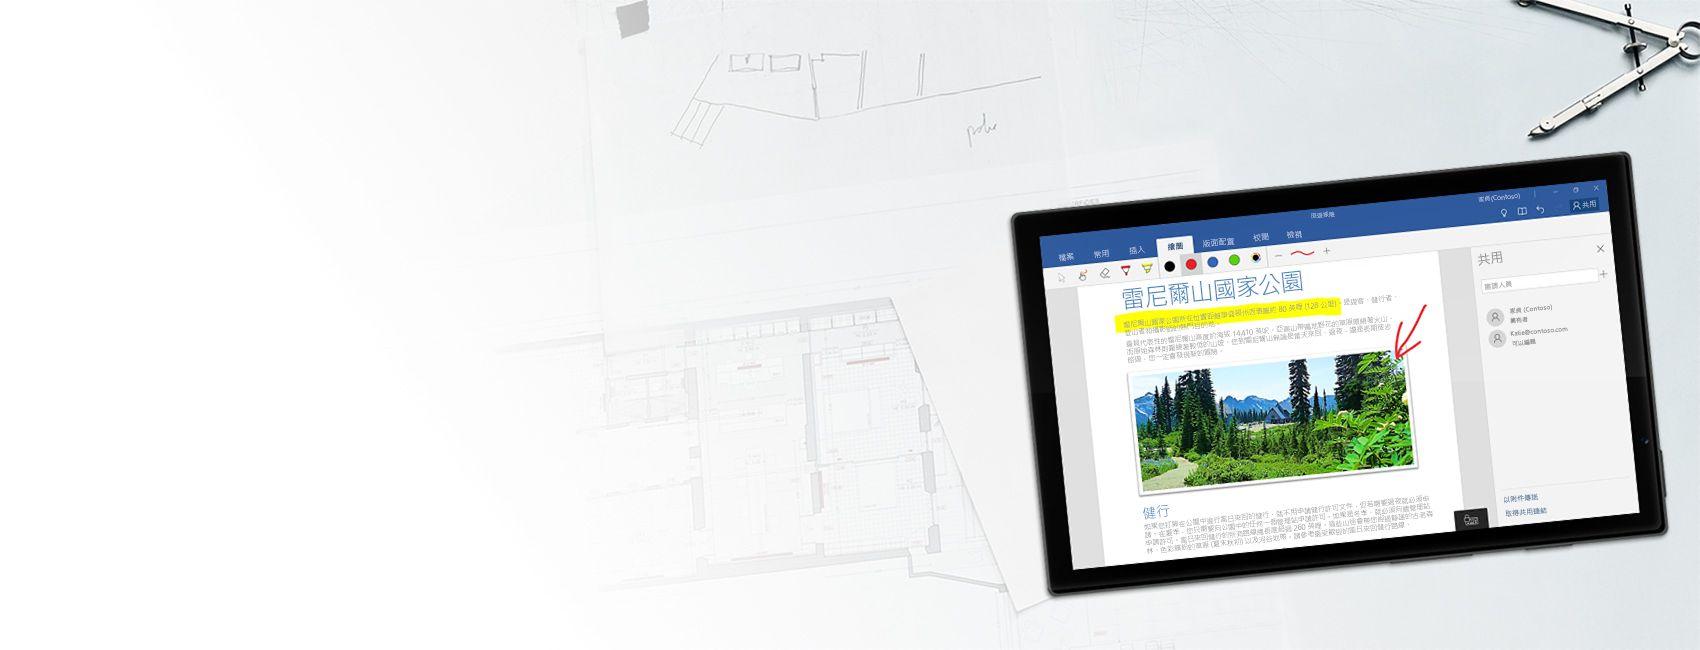 Windows 平板電腦顯示 Windows 10 行動裝置版 Word 中,有一份關於雷尼爾山國家公園的 Word 文件